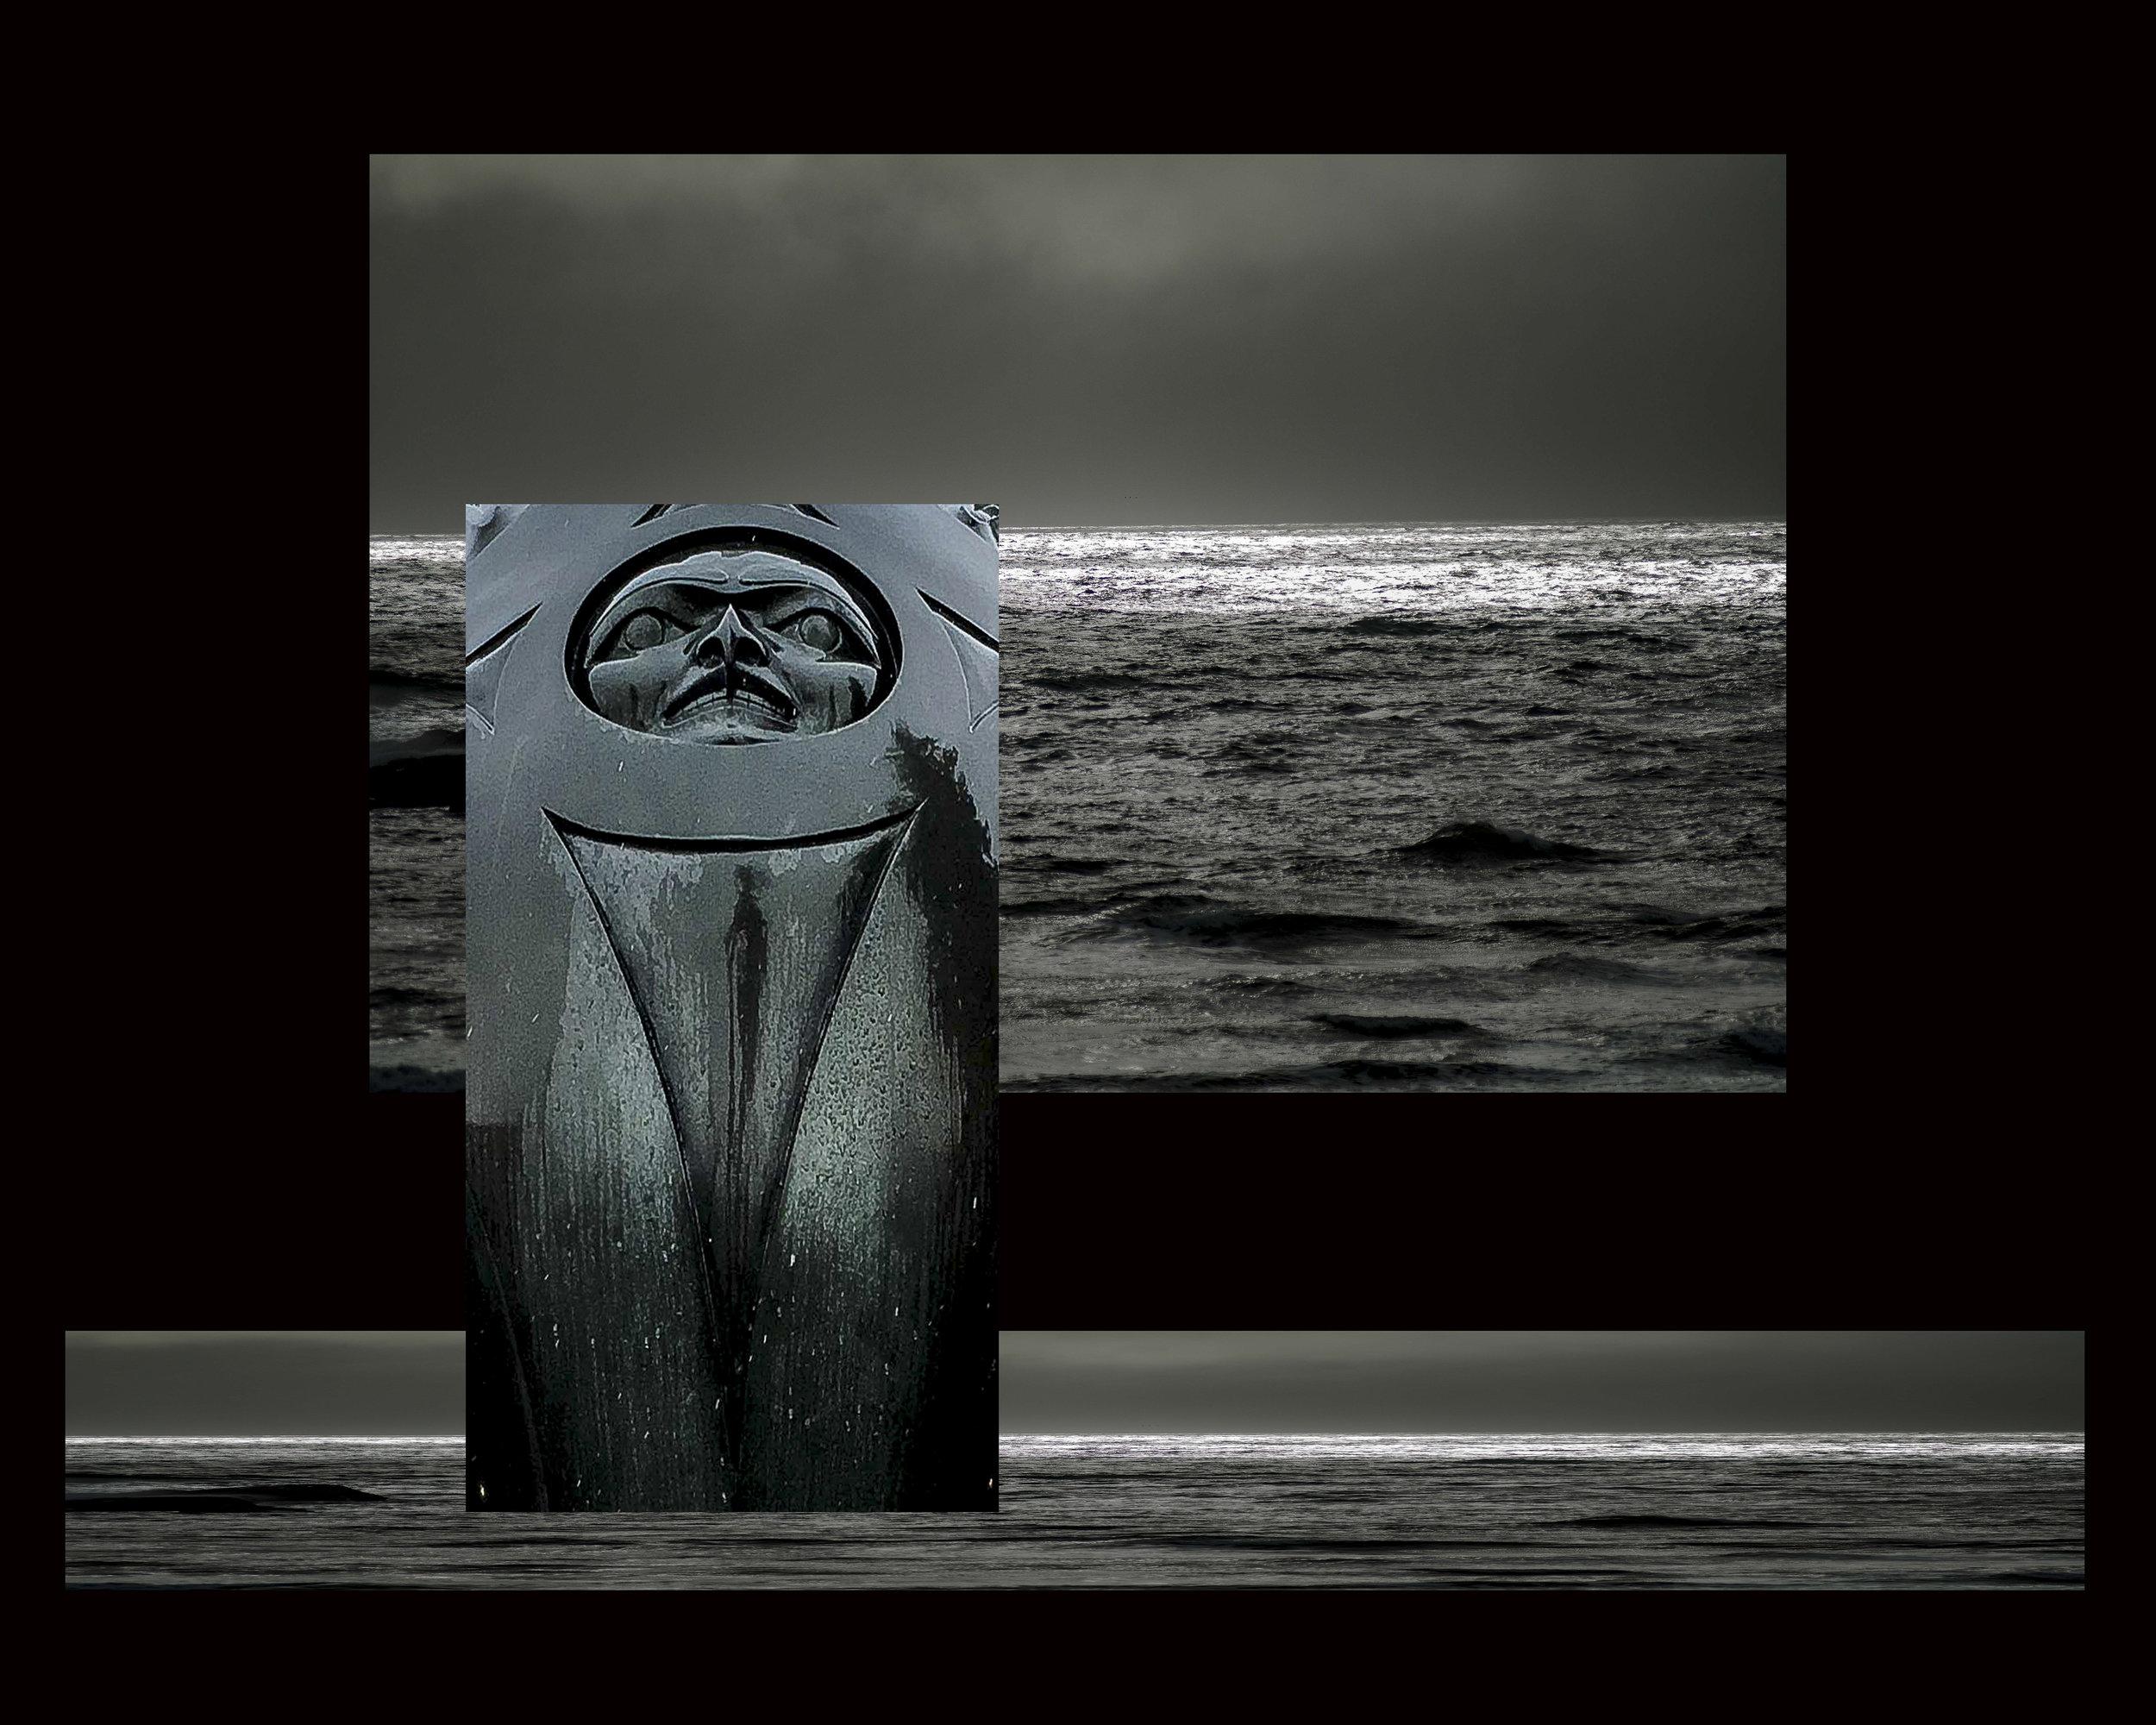 oceanman7_2.jpg